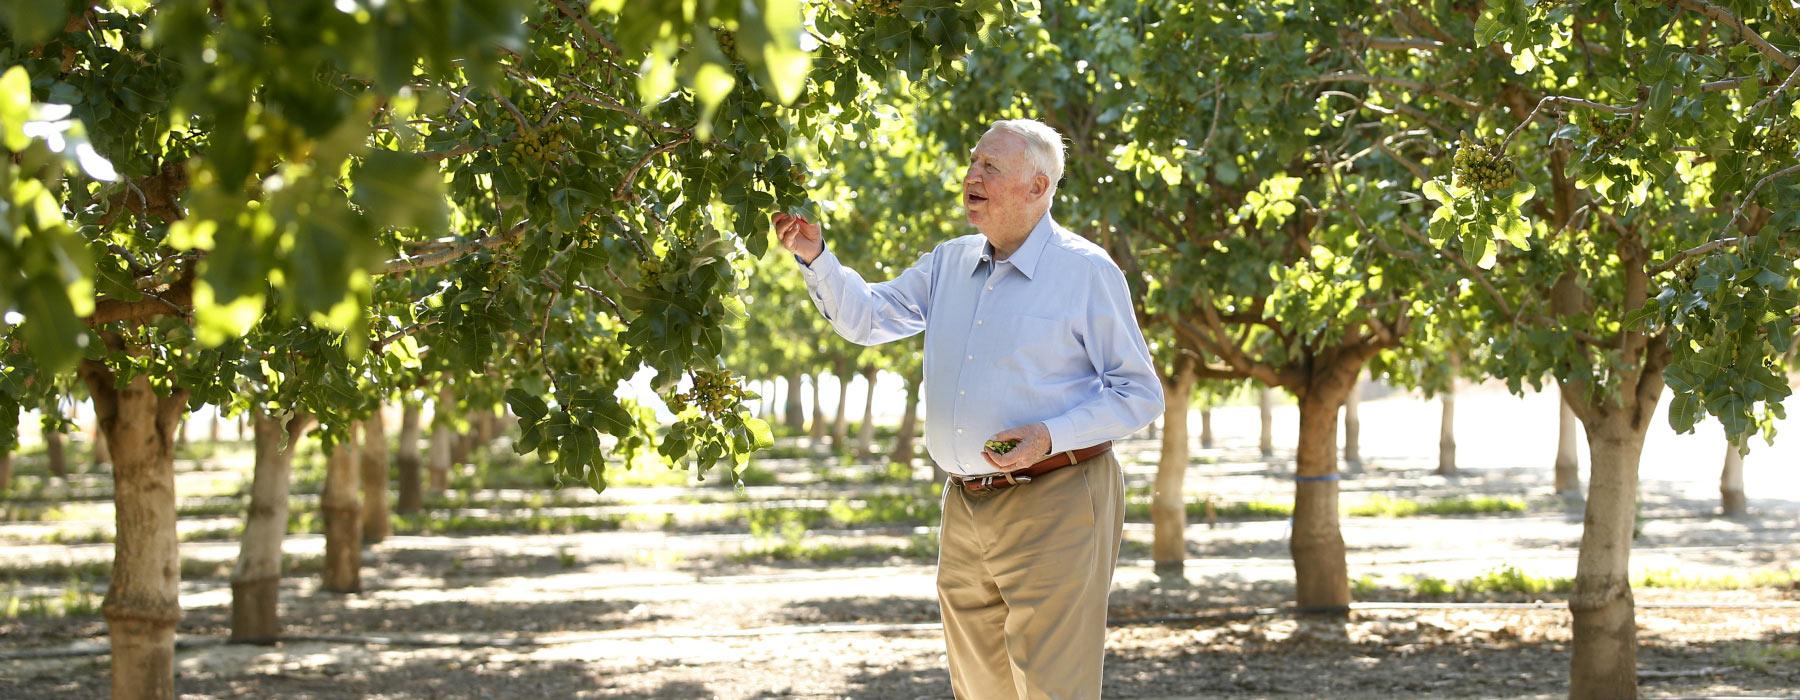 Jensen with pistachio trees